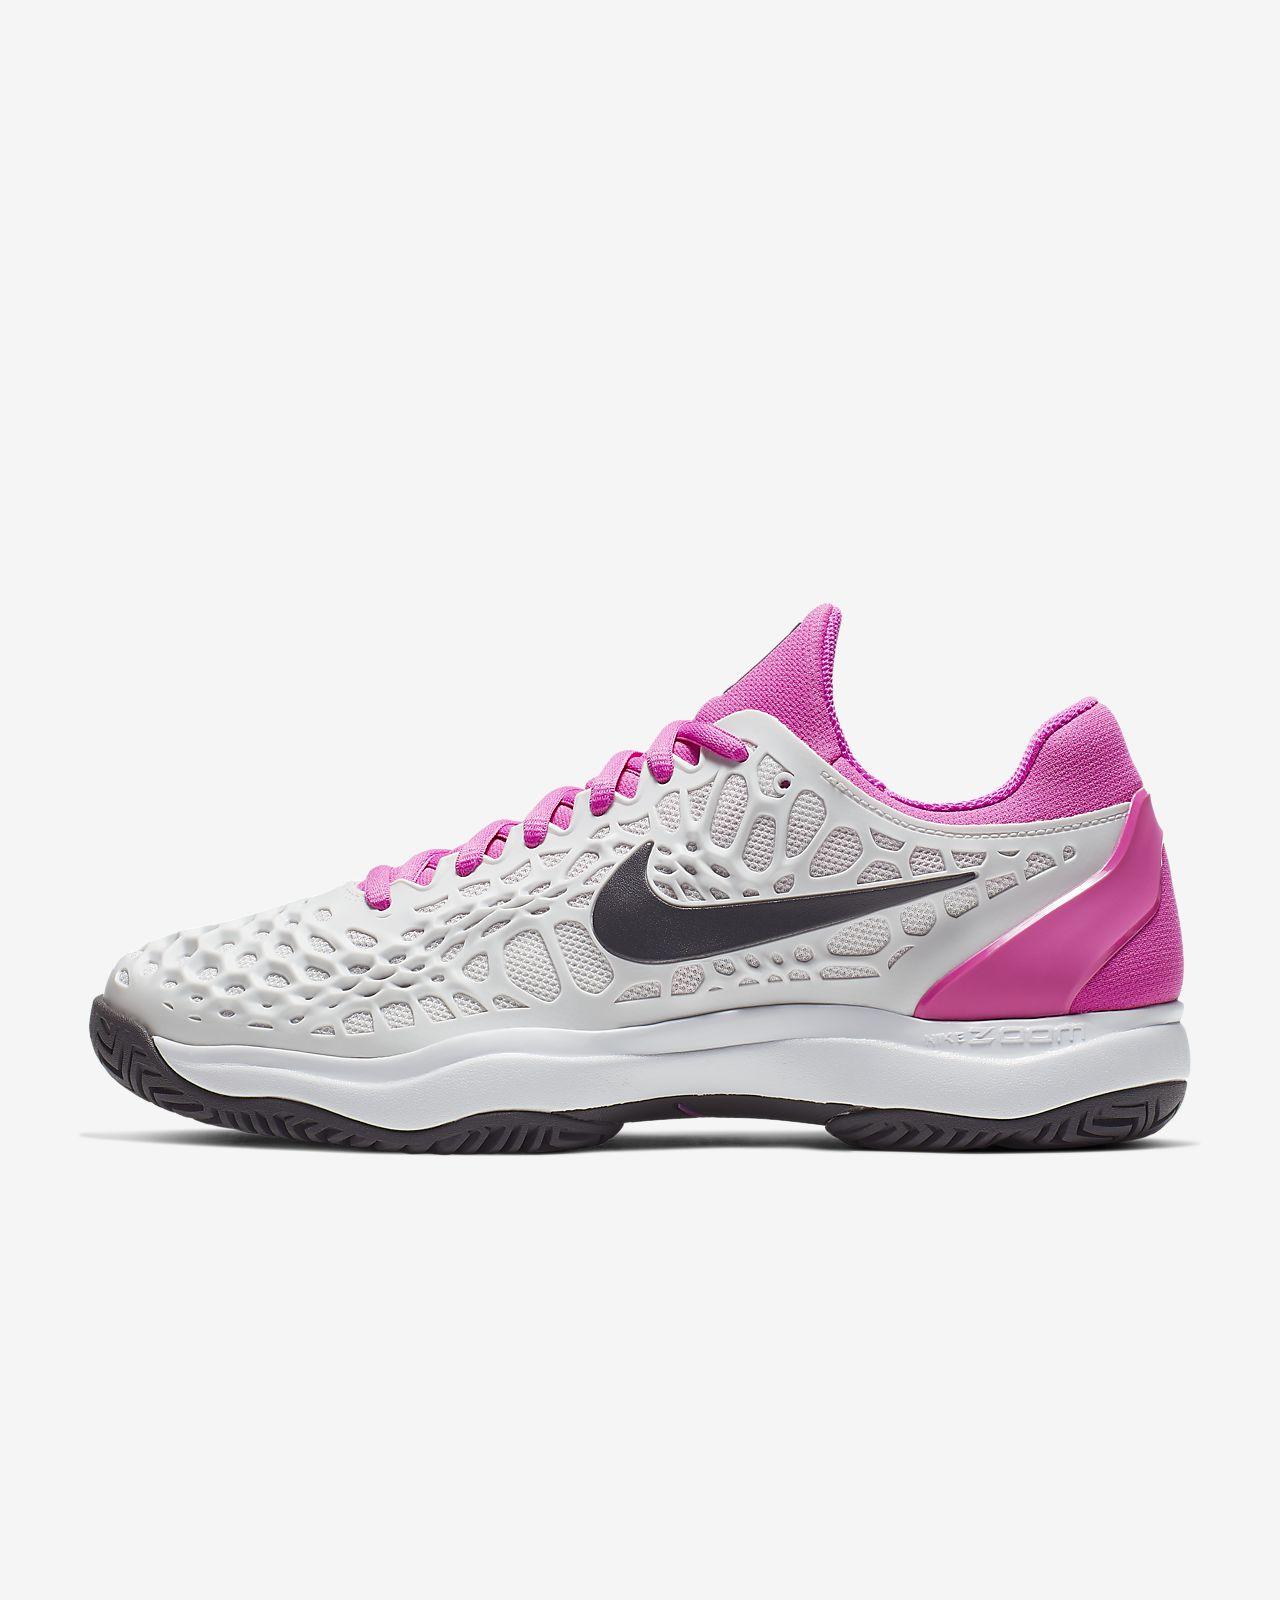 buy popular c882b 18588 ... Chaussure de tennis pour surface dure NikeCourt Zoom Cage 3 pour Homme